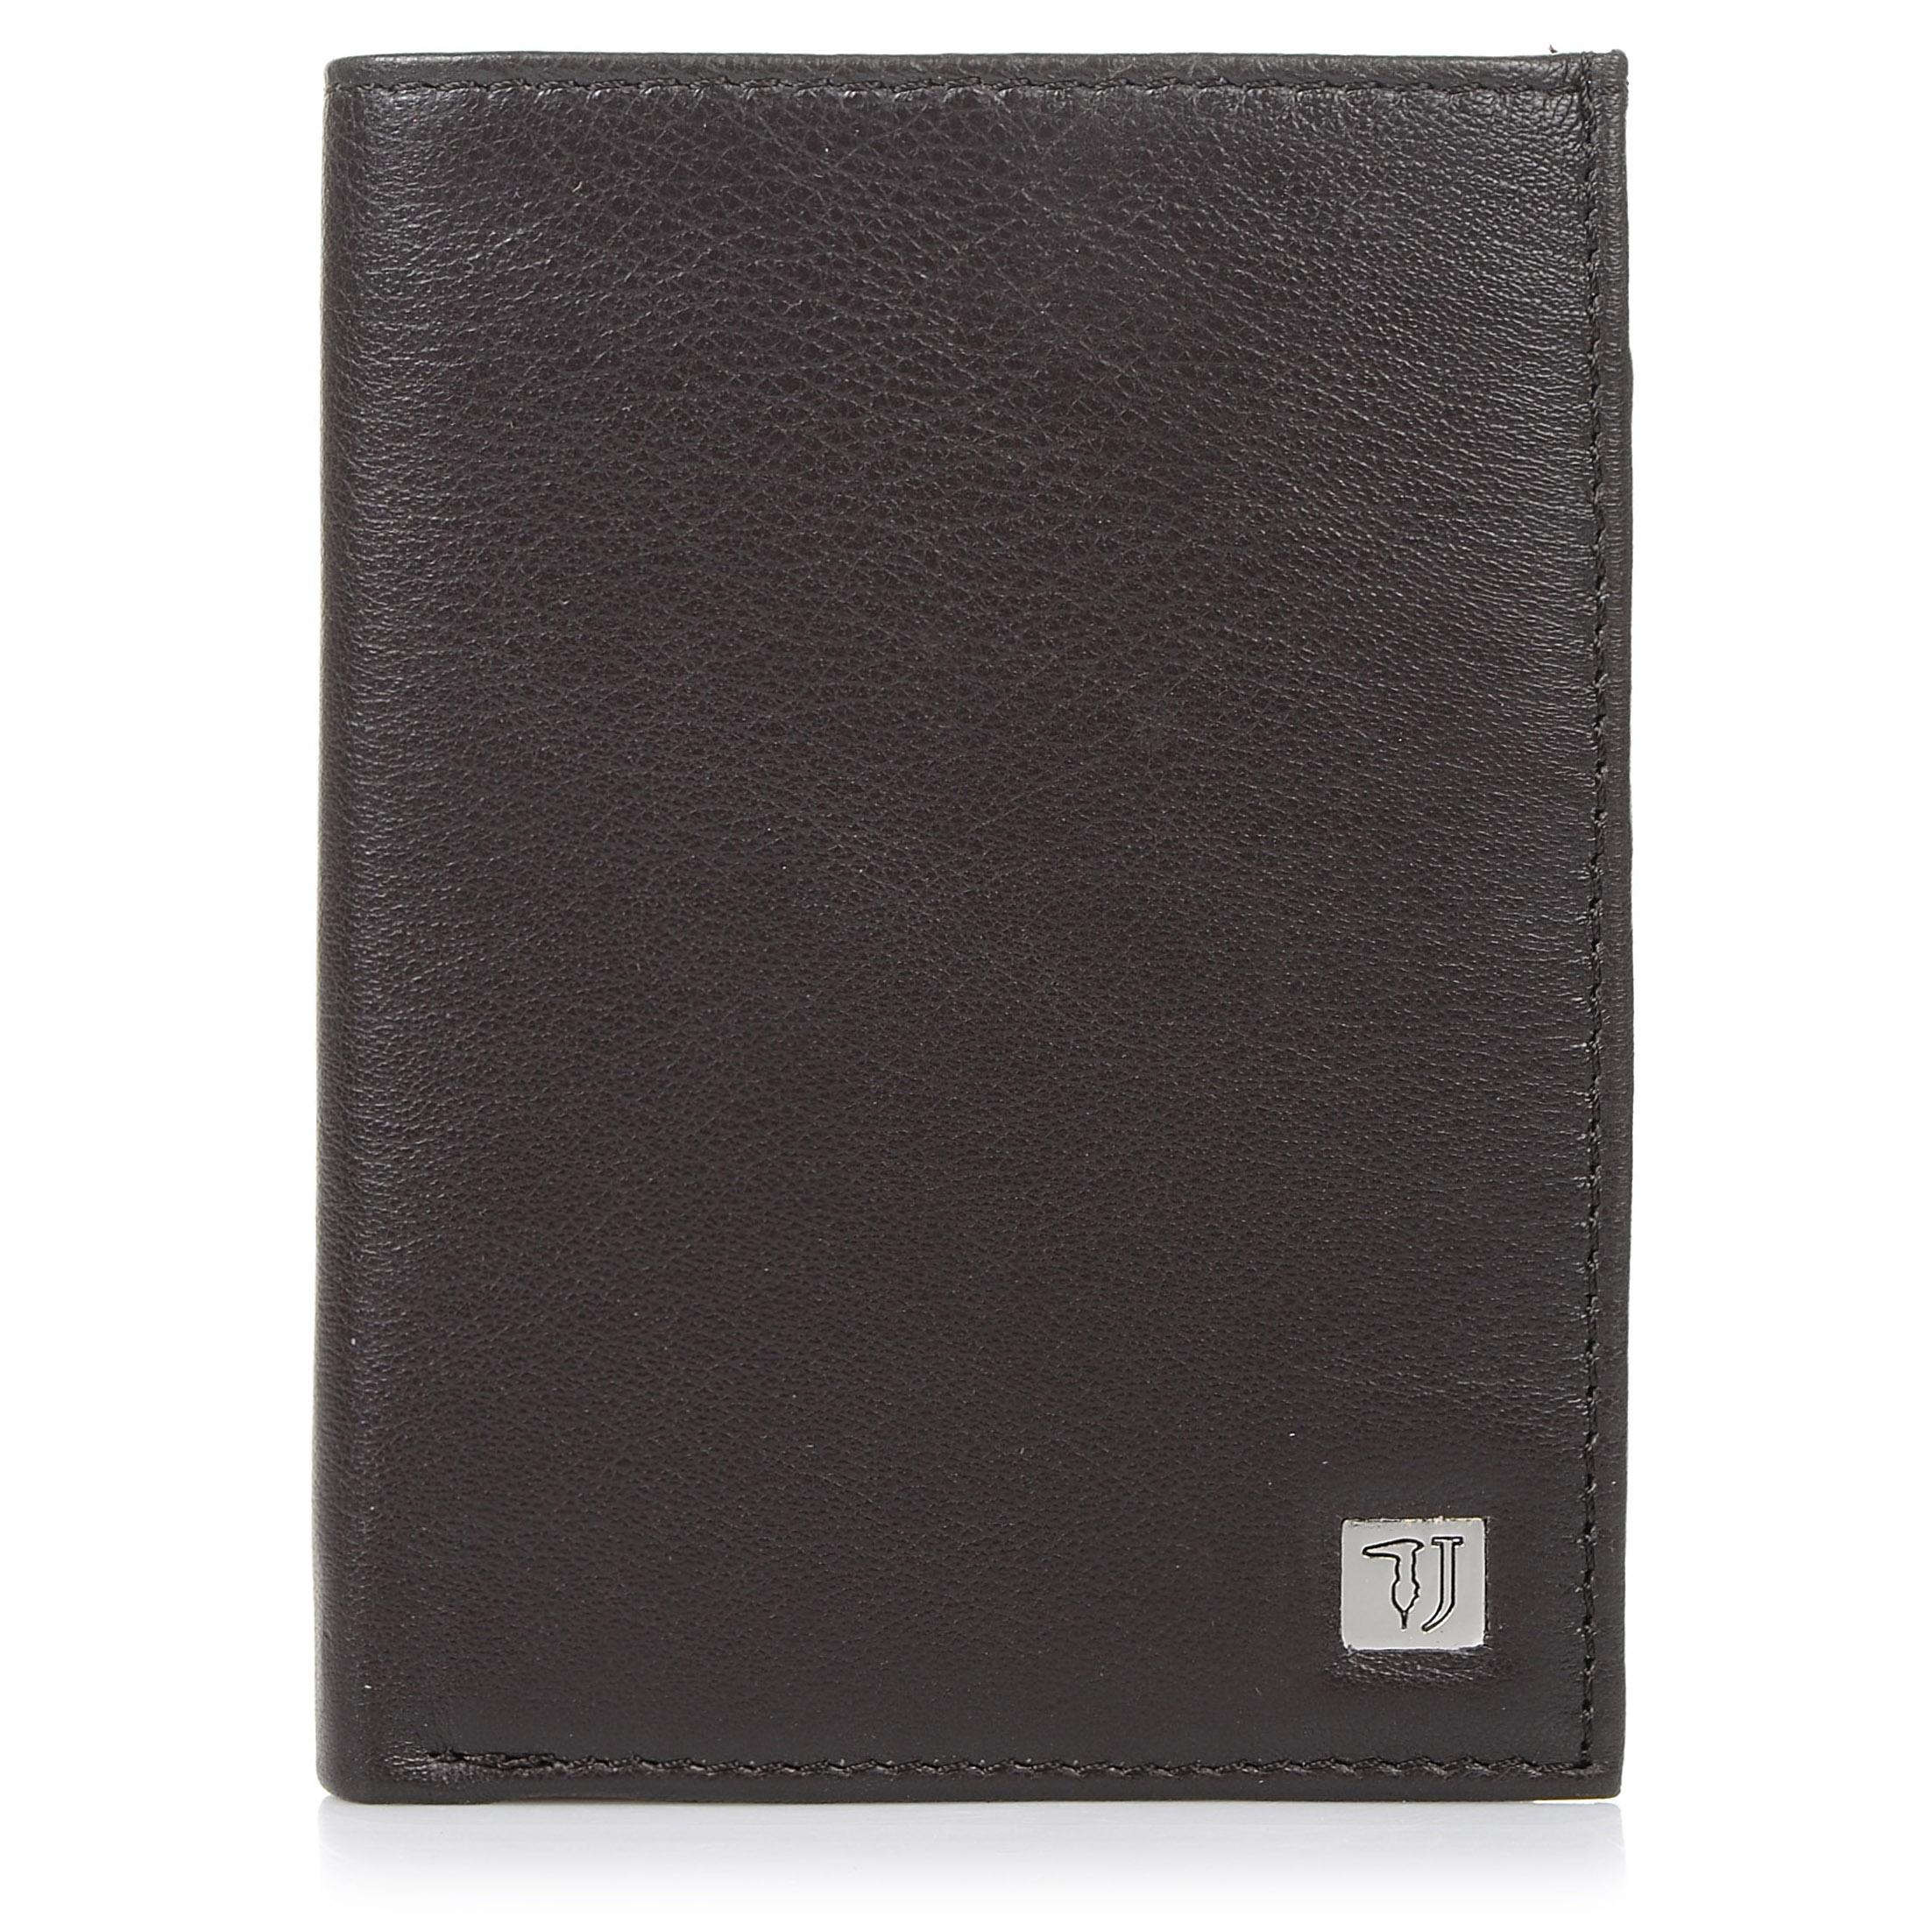 Δερμάτινο Πορτοφόλι Trussardi Jeans Wallet Vertical Coin Pocket Smooth 71W00002